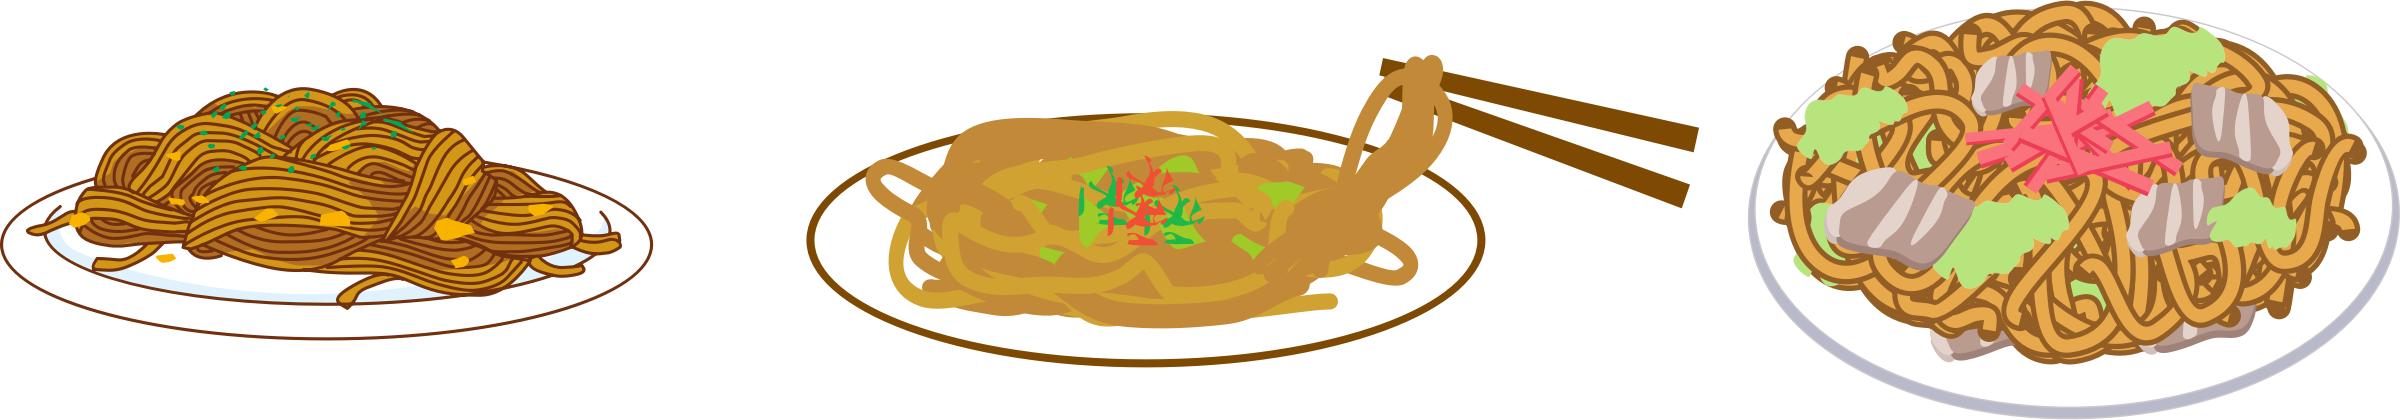 Yakisoba fried big image. Noodles clipart noddles